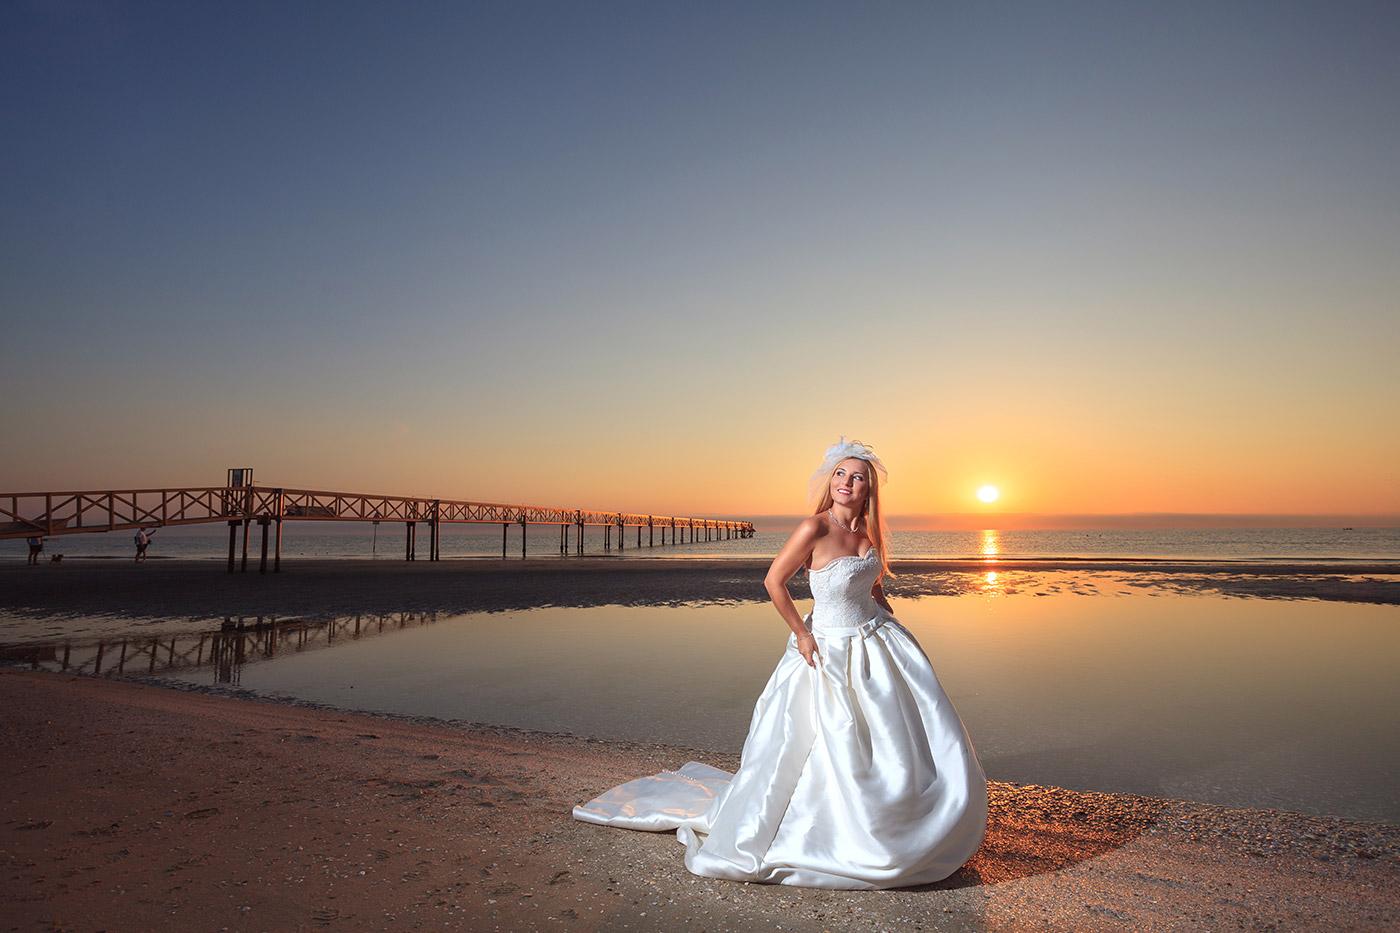 Matrimonio Spiaggia Italia : Fotografo matrimonio cesenatico italia spiaggia cristian